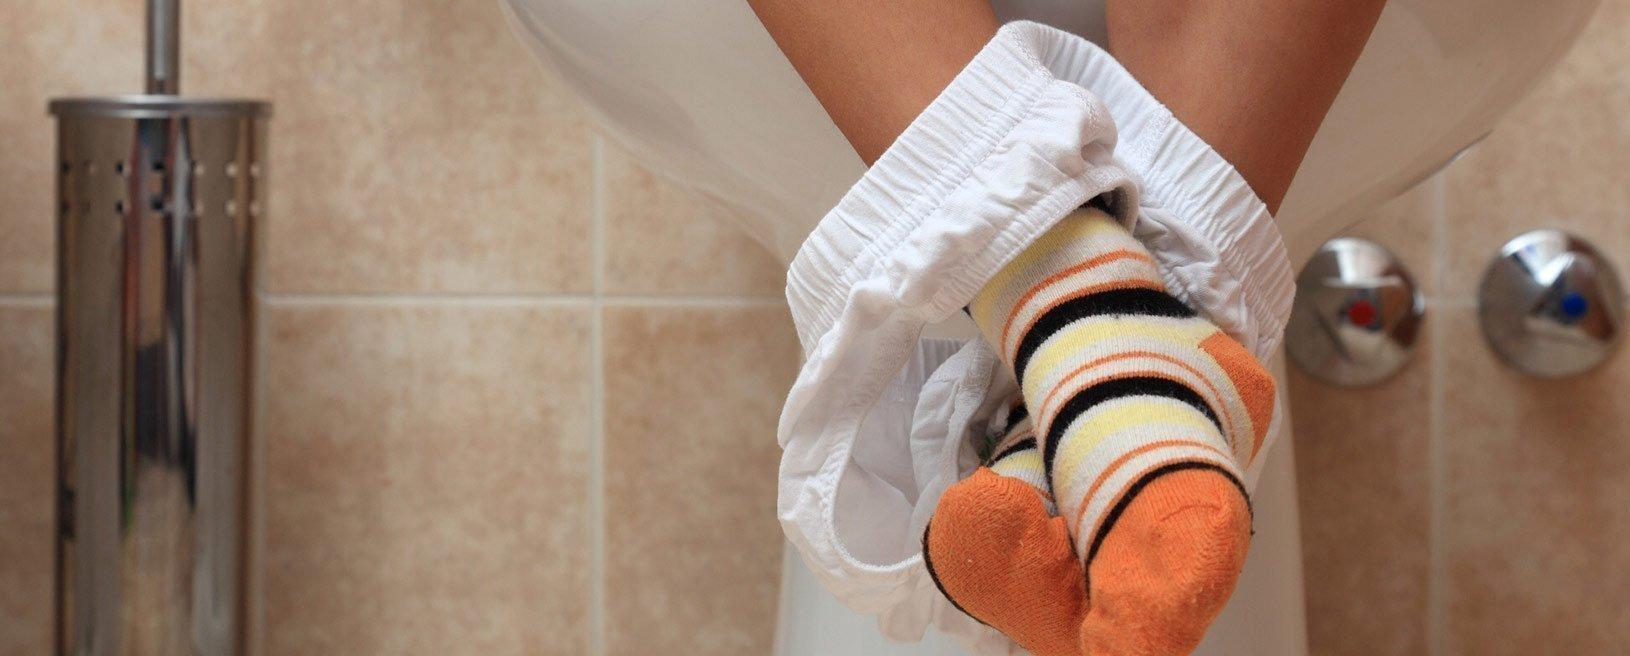 Diarrea infecciosa y deshidratación en pediatría Diarrea Crónica